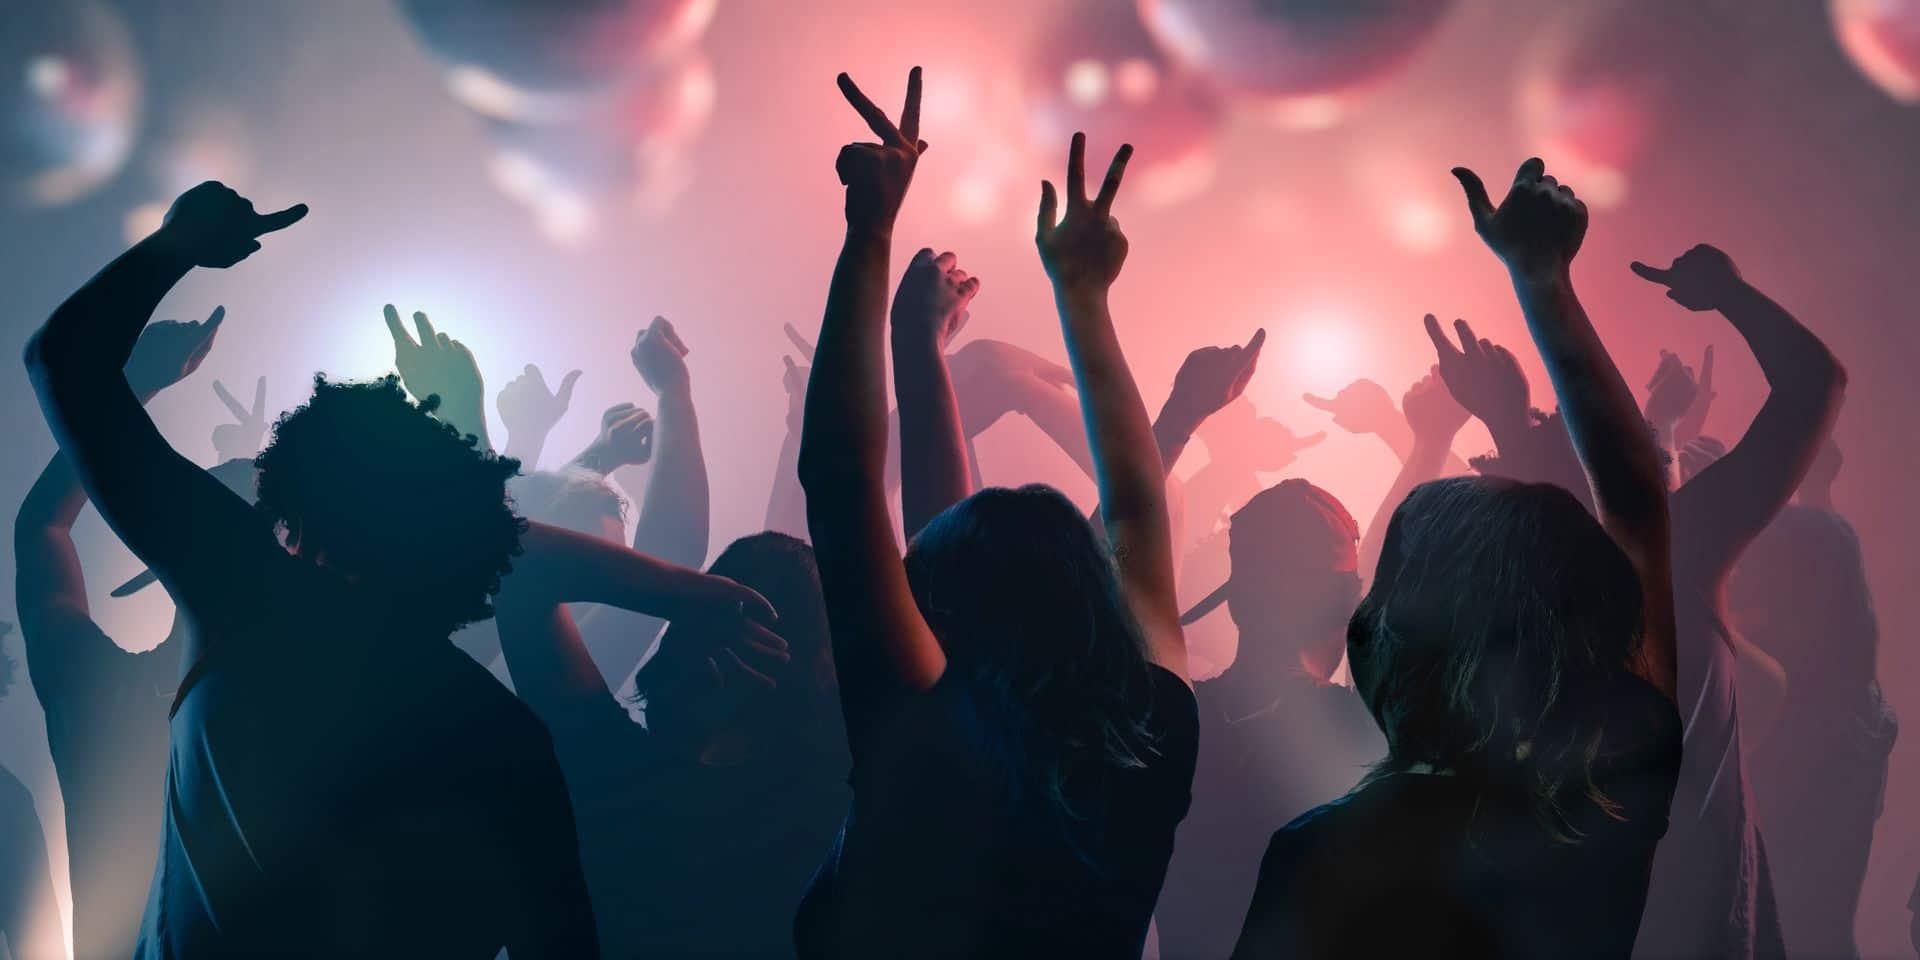 Une fête d'anniversaire clandestine rassemble 21 personnes en Flandre: 4000€ d'amende pour l'organisateur